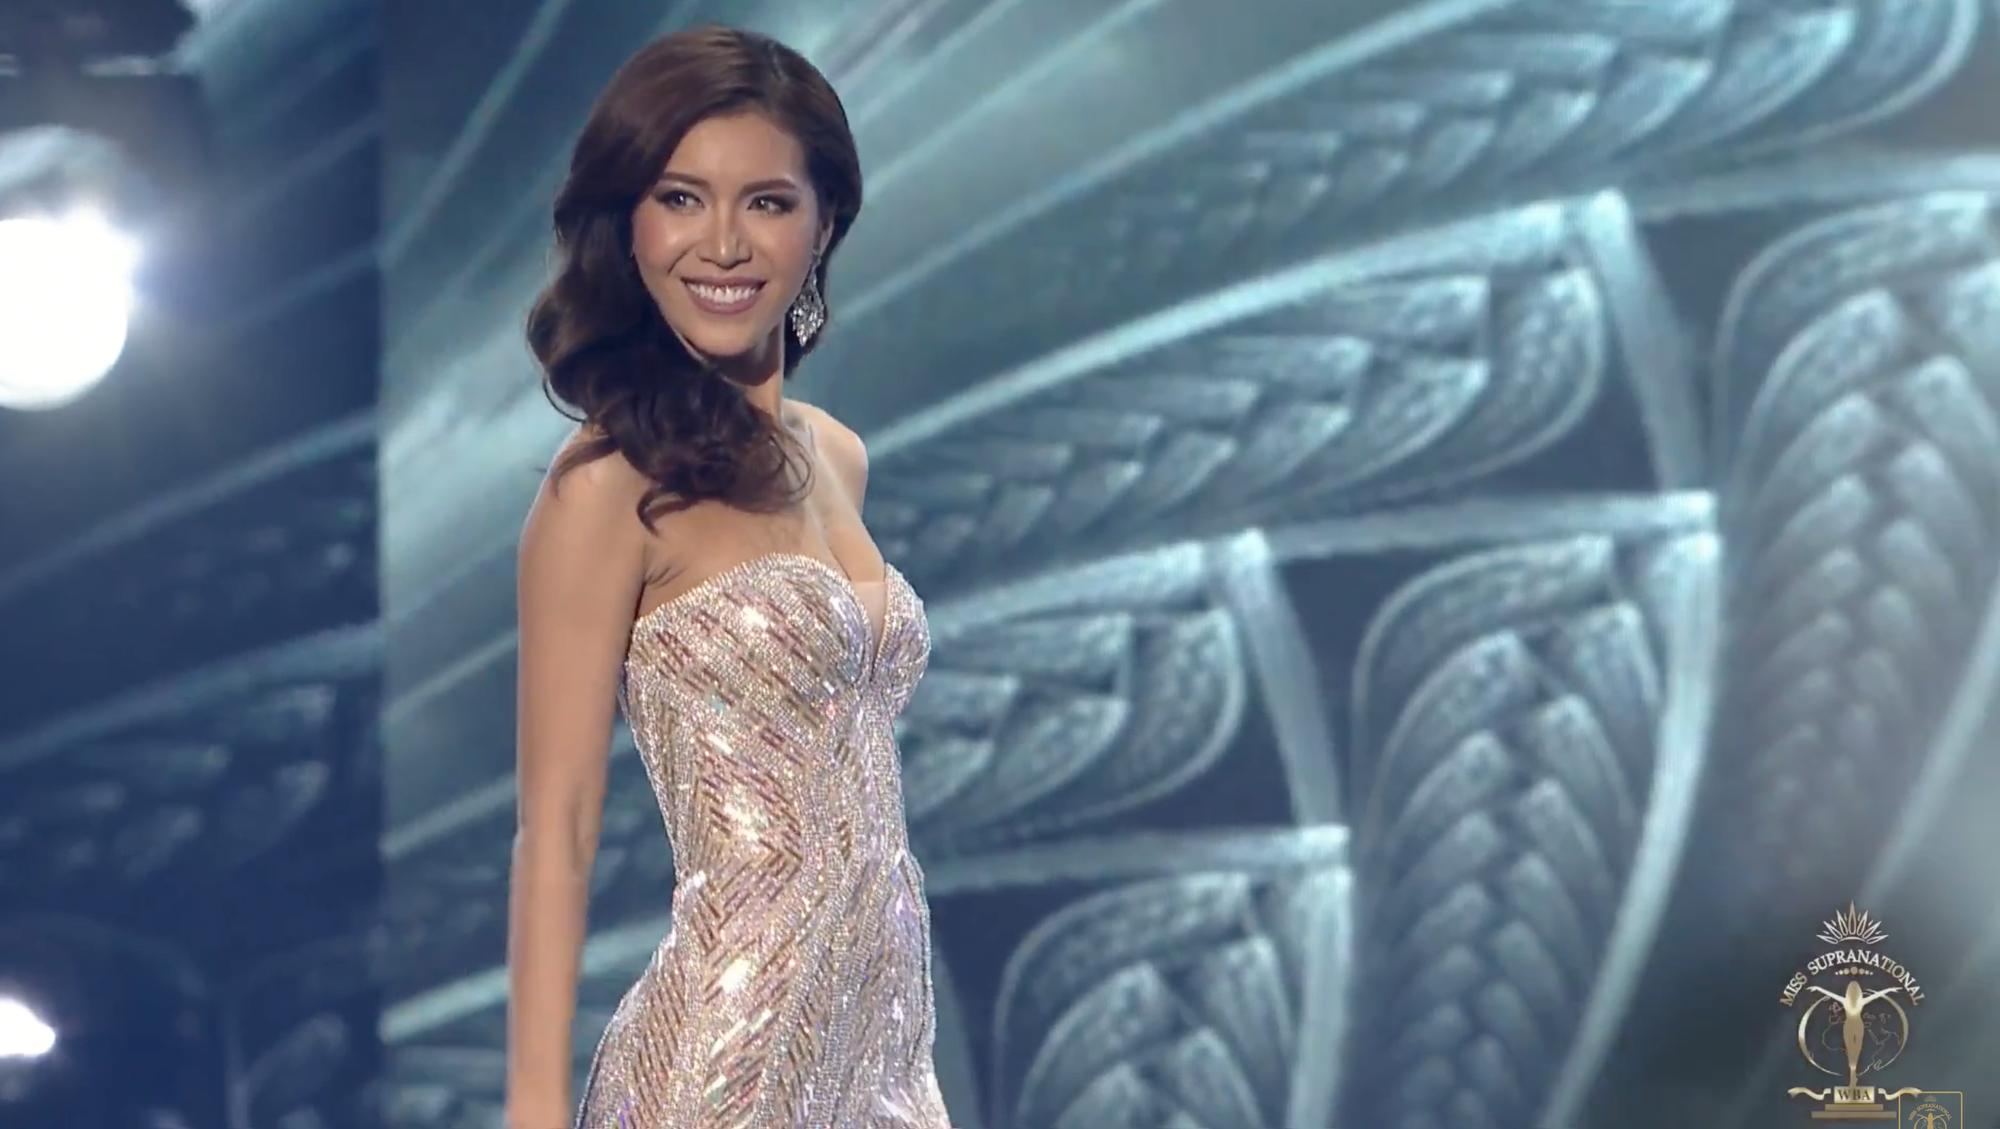 """Dân mạng """"dậy sóng"""" khi Minh Tú dừng chân ở Top 10 Miss Supranational 2018 dù đã thể hiện xuất sắc - Ảnh 1."""